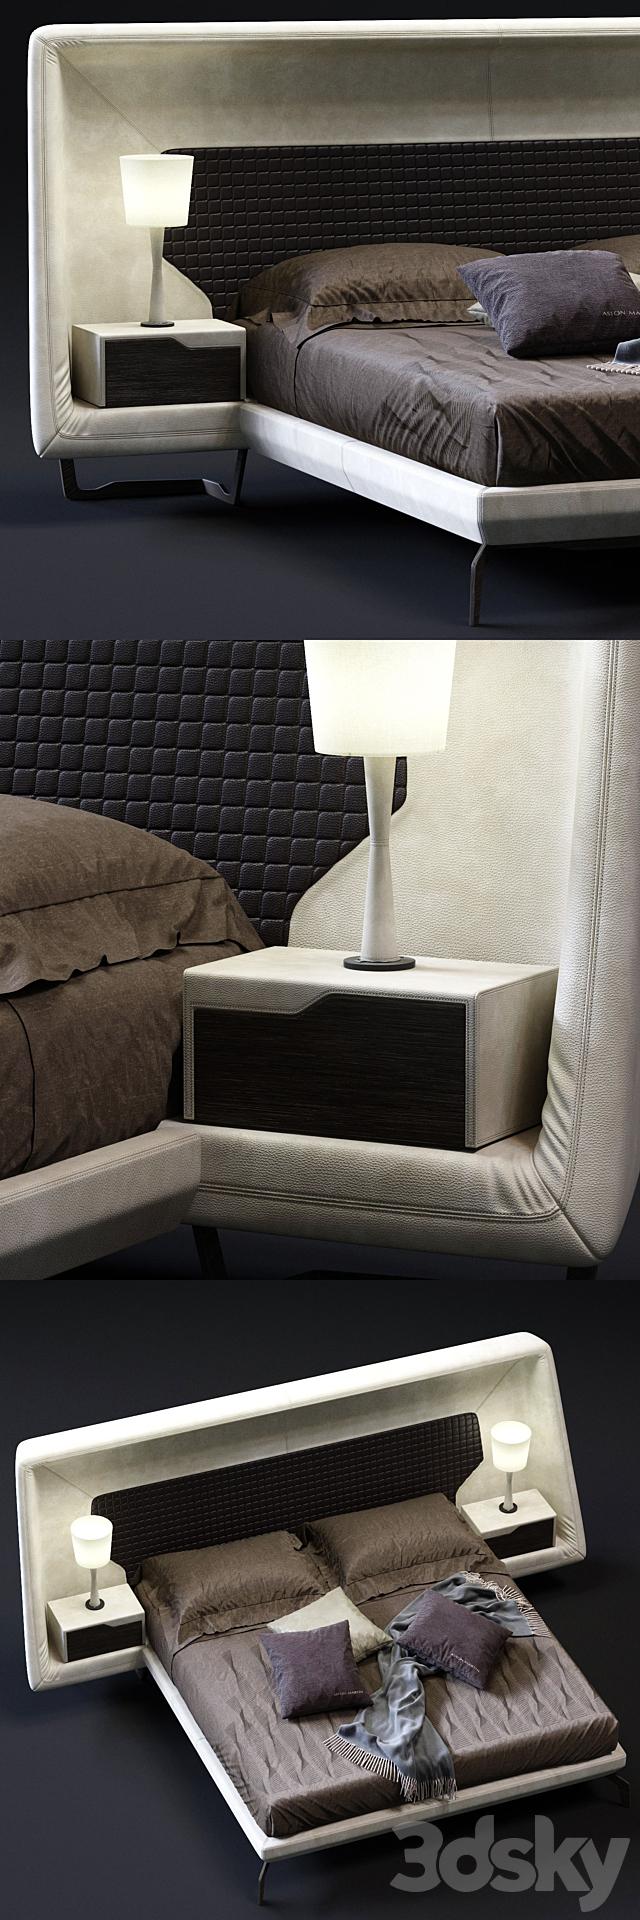 3d Models Bed Aston Martin V146 Bed